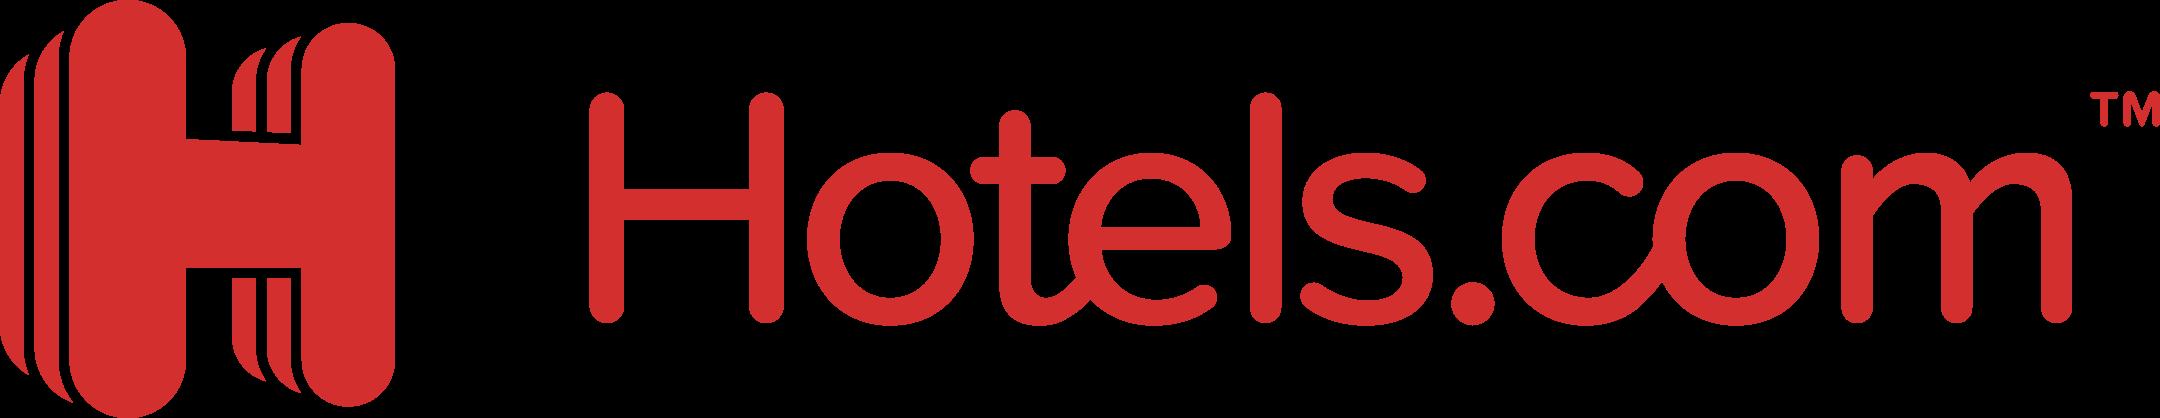 hotels.com logo 1 - Hotels.com Logo